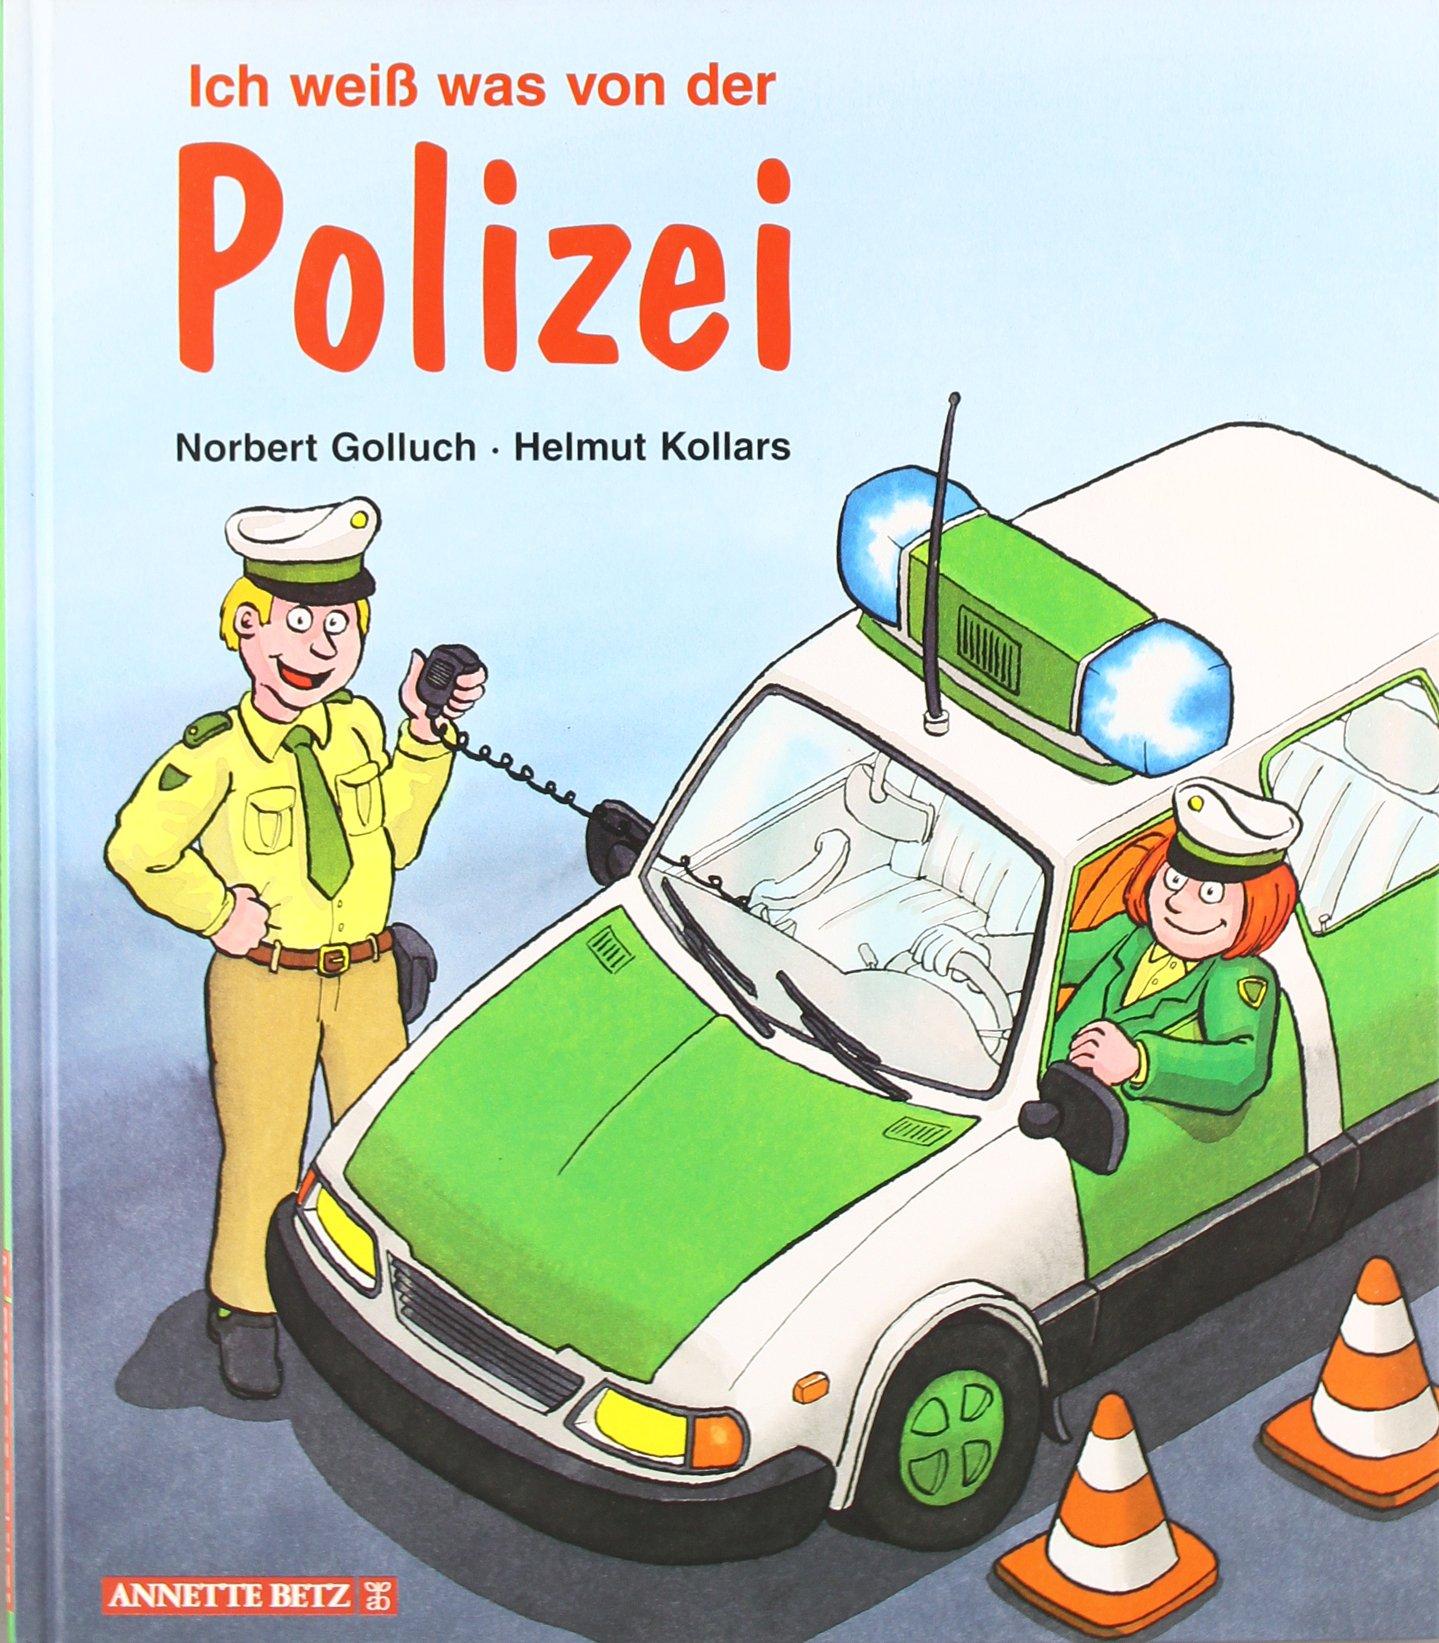 Ich weiss was von der Polizei